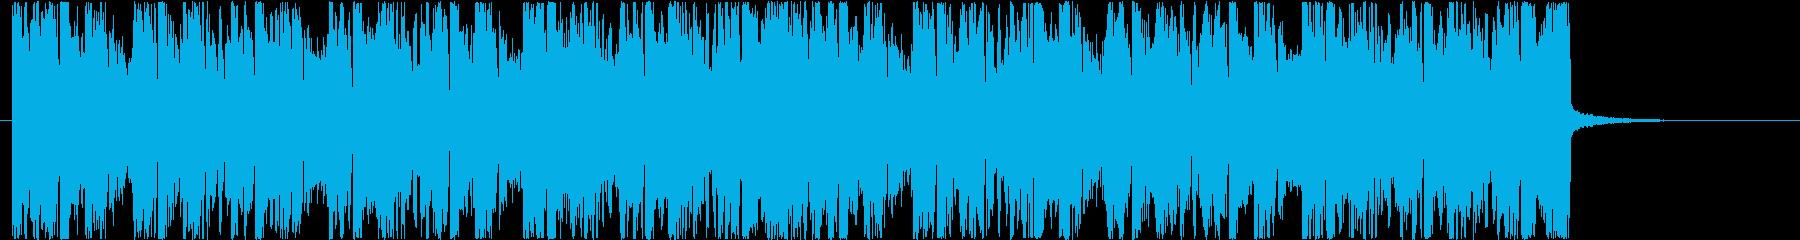 ワイルドな4つ打ちのCM広告向けEDMの再生済みの波形